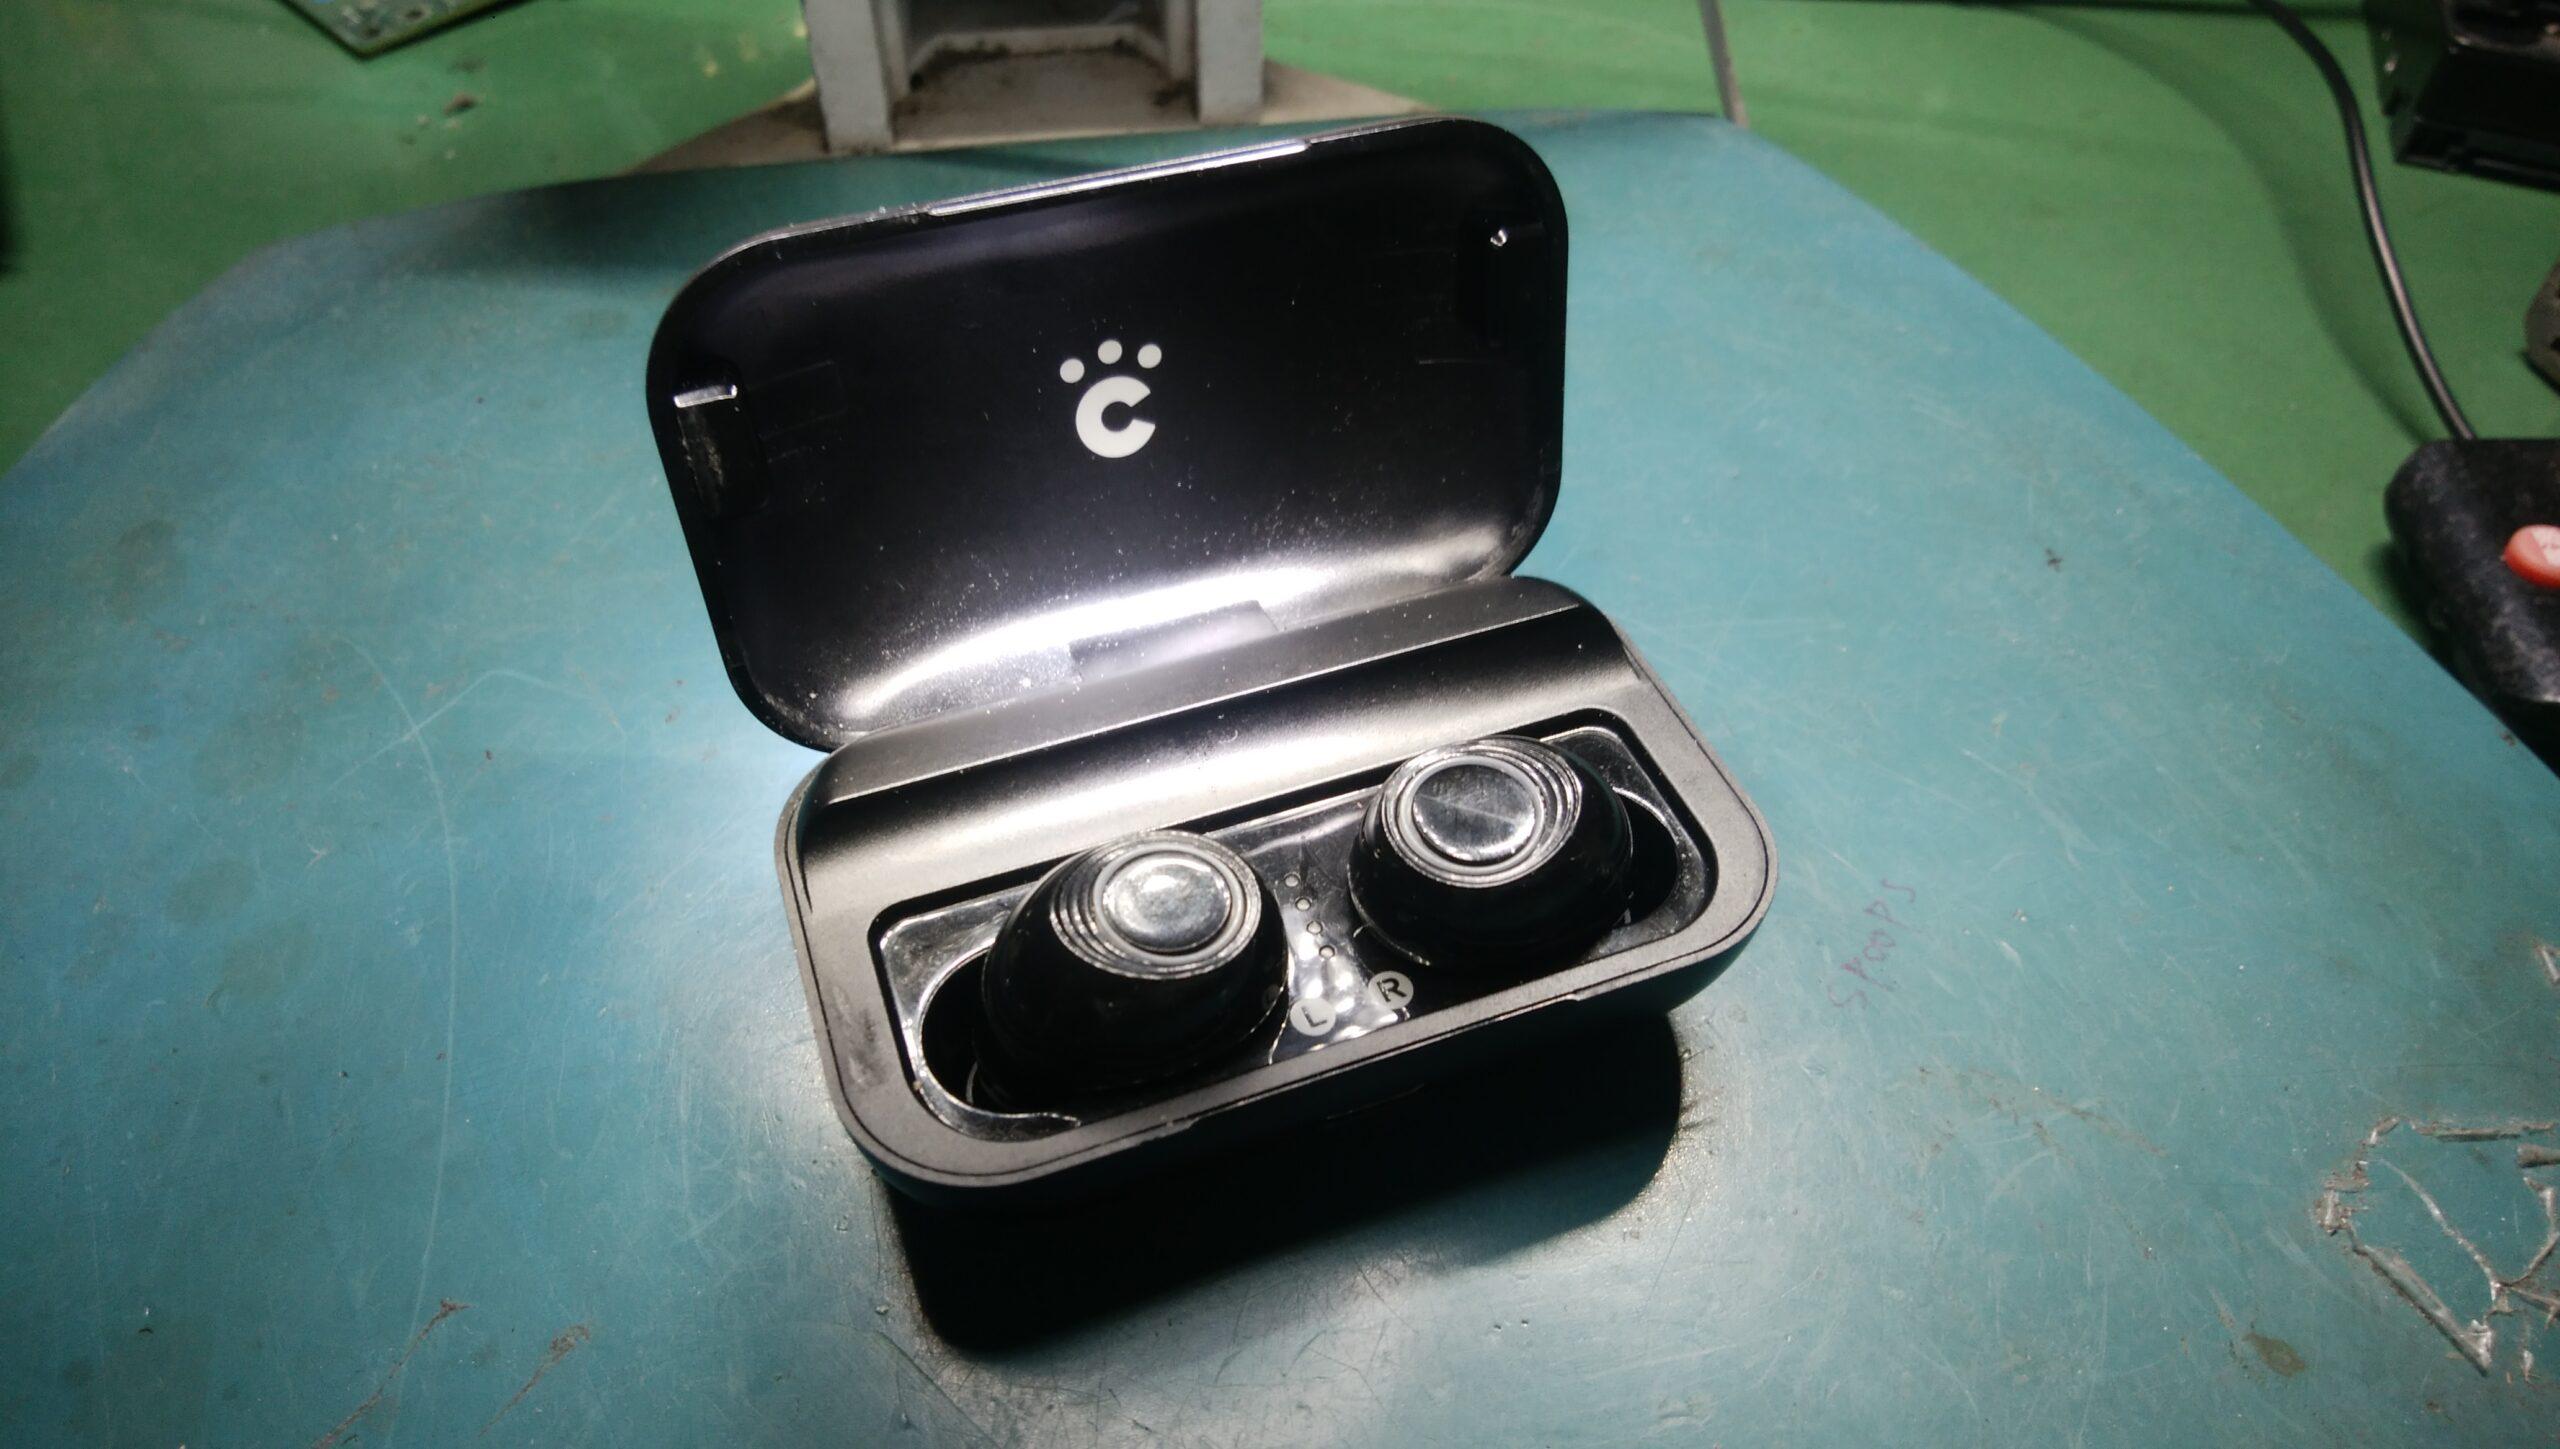 「Bluetoothワイヤレスイヤホンの片方が聞こえない不具合の修理方法」内部スピーカーを有線イヤホンのスピーカーと交換する